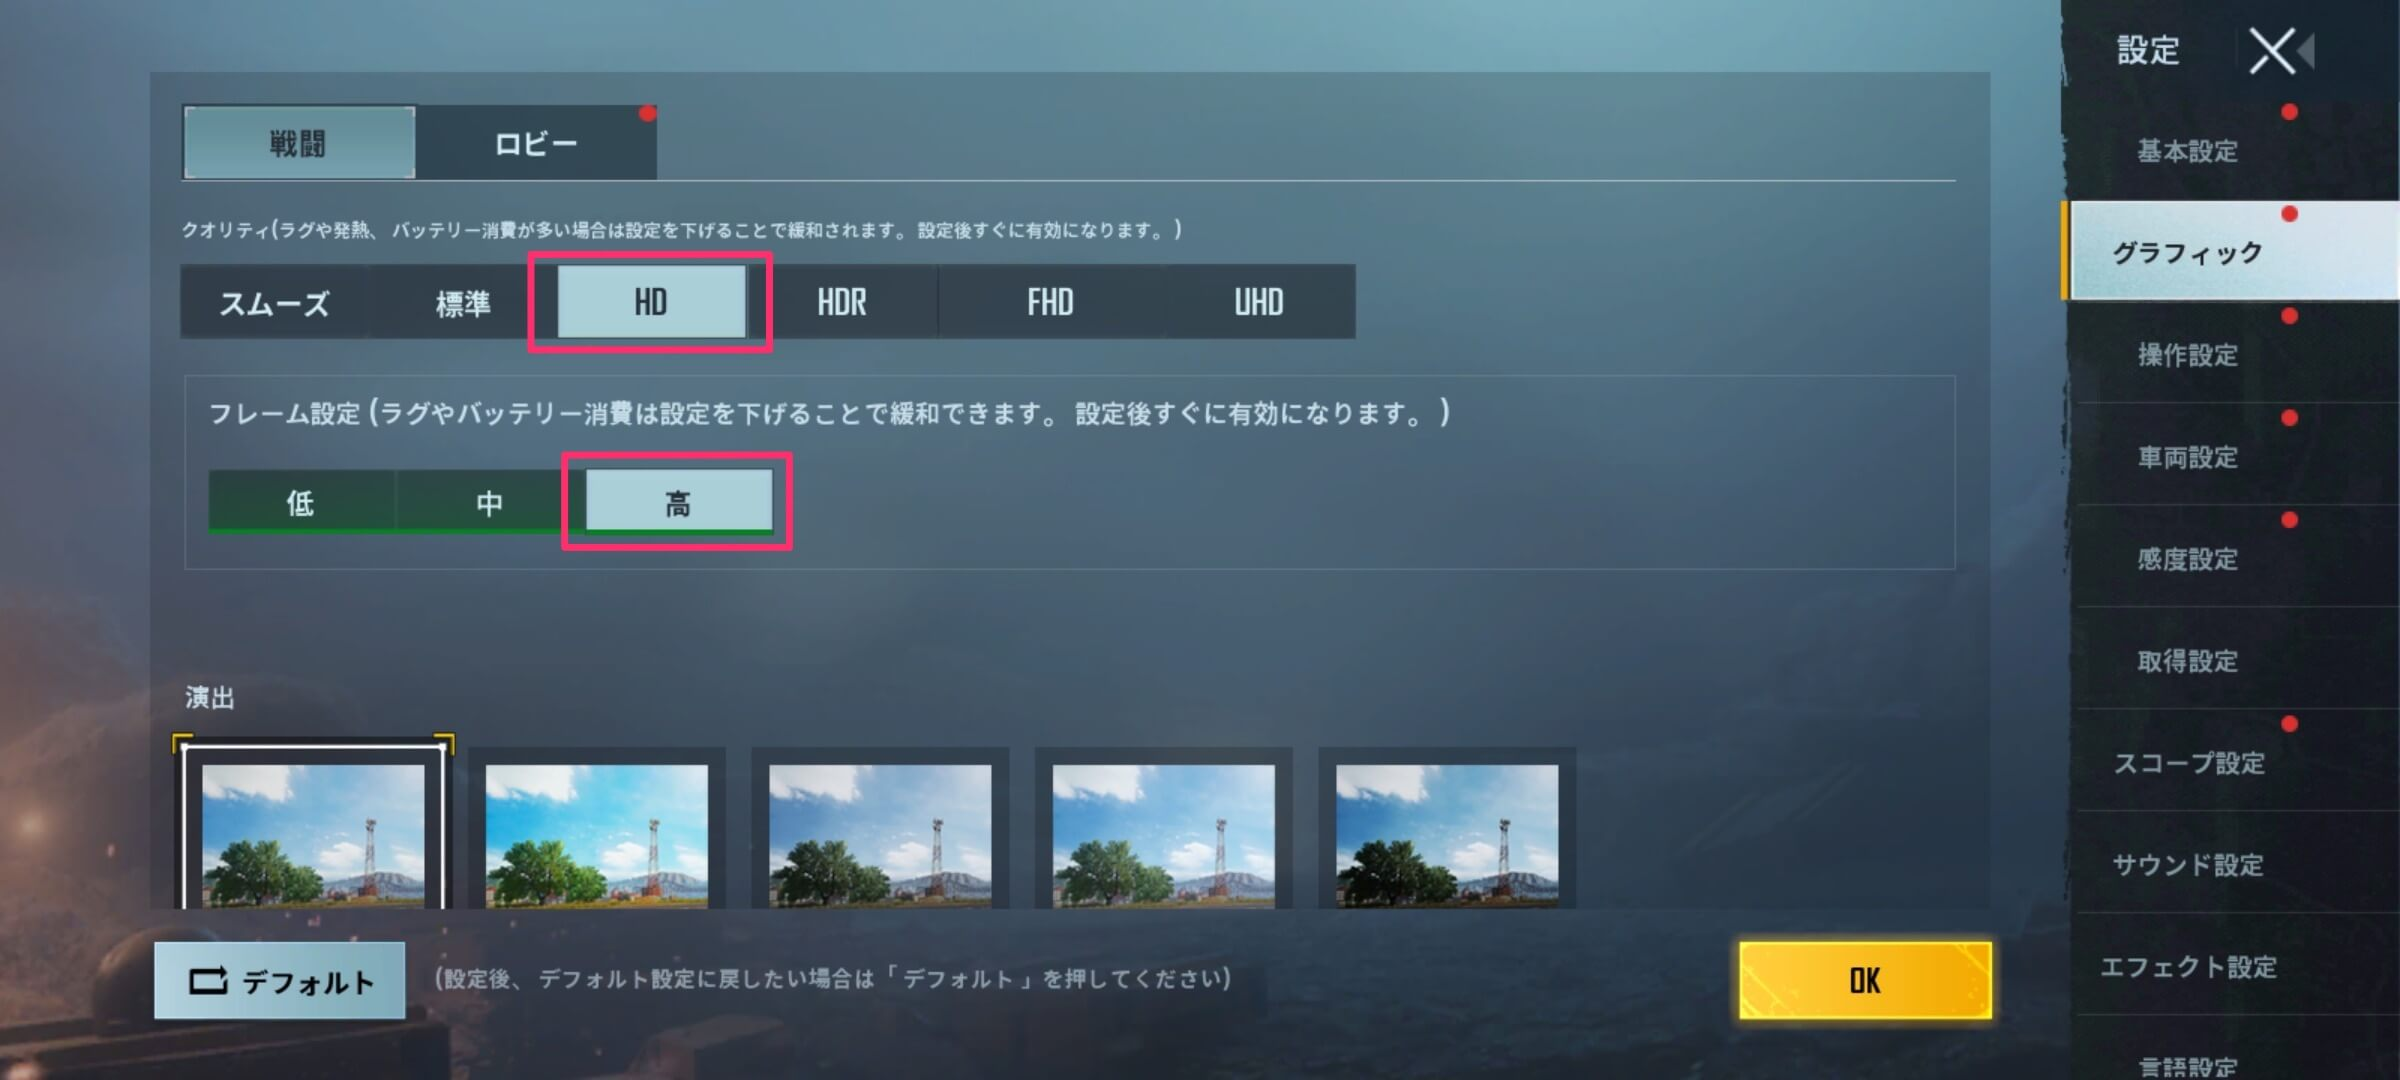 PUBG設定画面